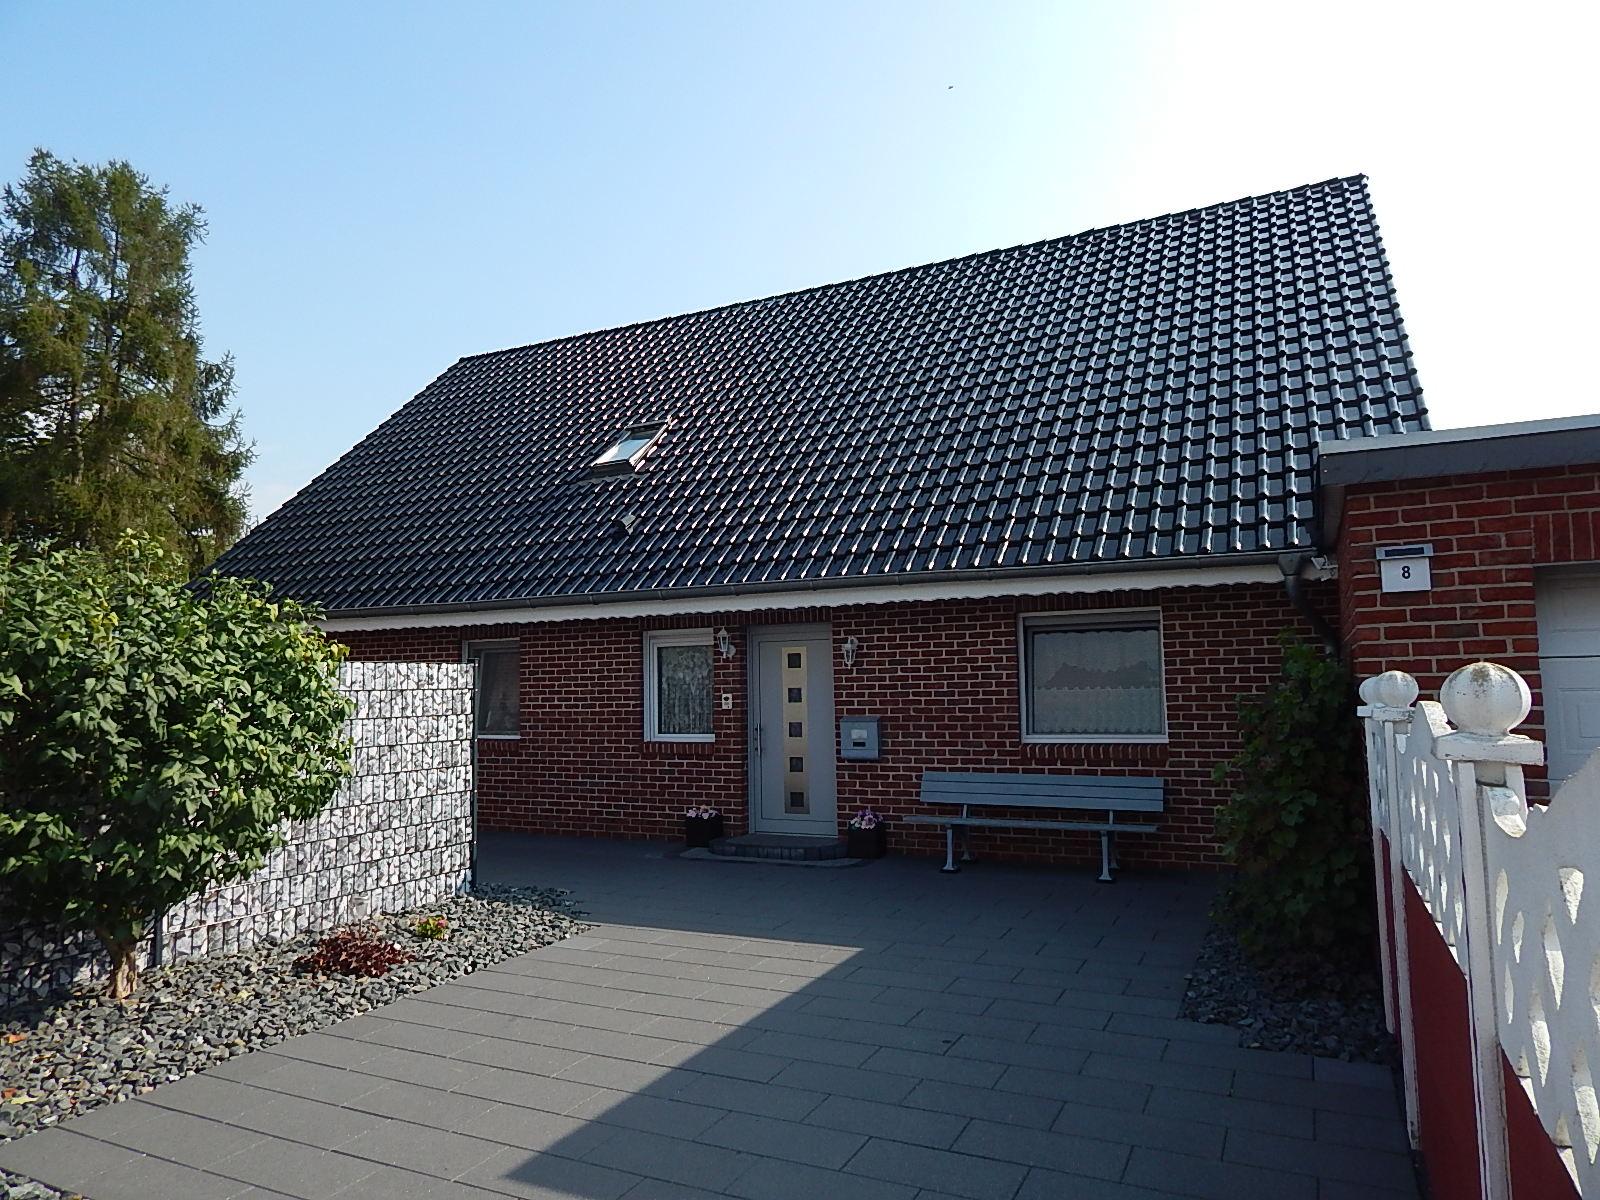 Ihr neues Zuhause mit viel Platz in Katlenburg-Lindau OT Berka!